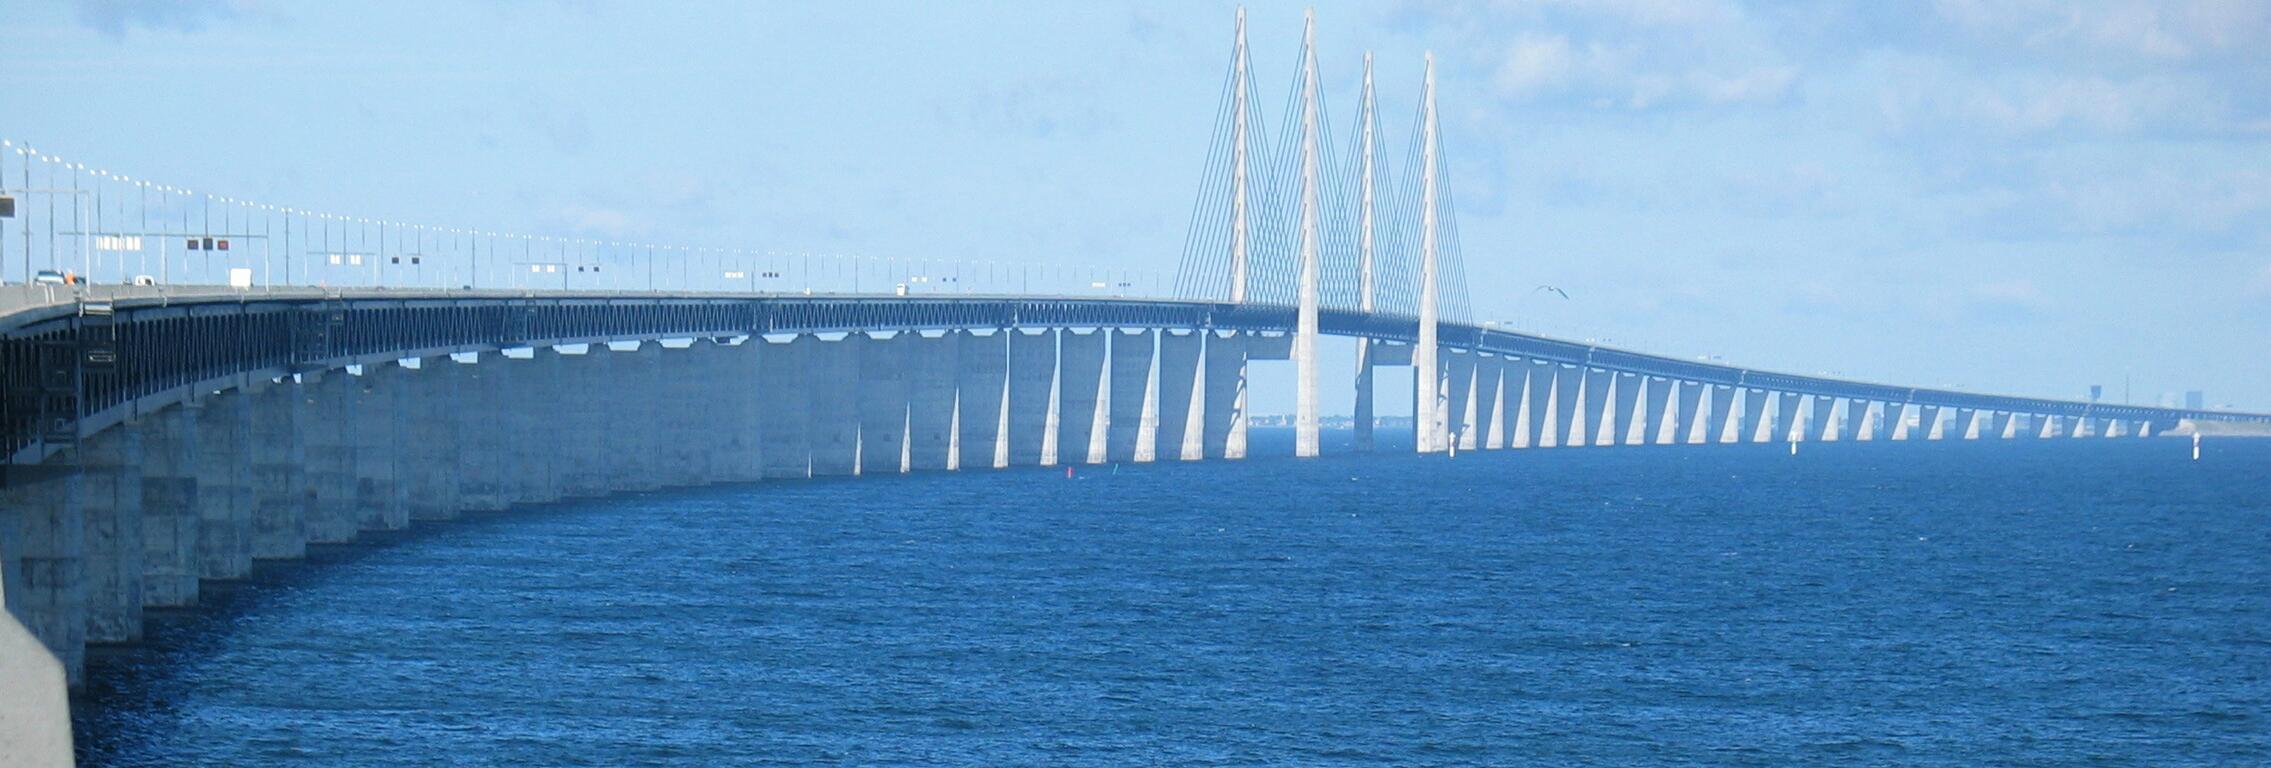 Puente De Oresund Megaconstrucciones Extreme Engineering